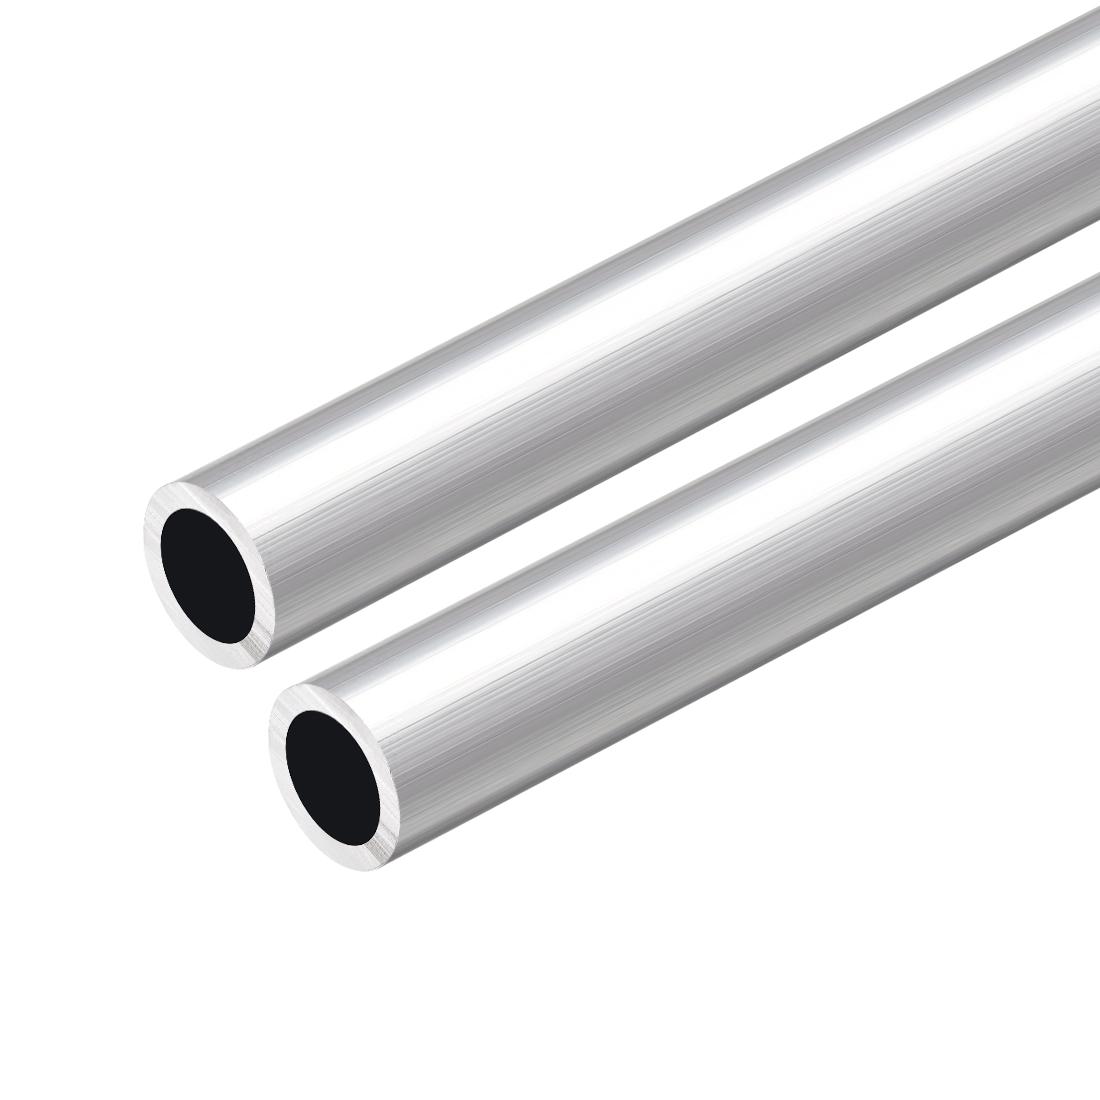 6063 Aluminum Round Tube 300mm Length 16mm OD 12mm Inner Dia Seamless Tube 2 Pcs